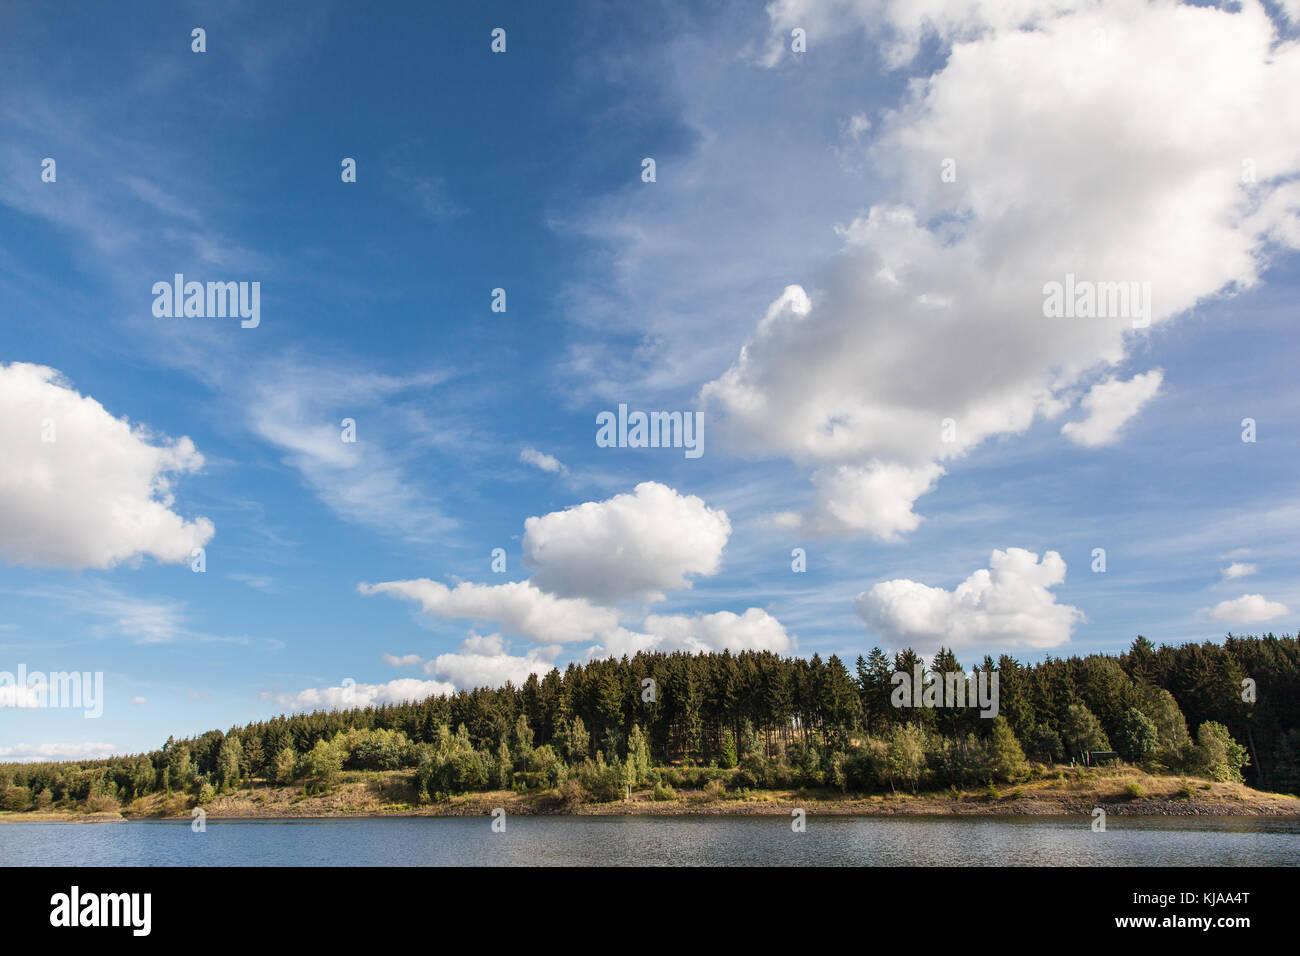 Teufelsteich bei Harzgerode im Harz - Stock Image